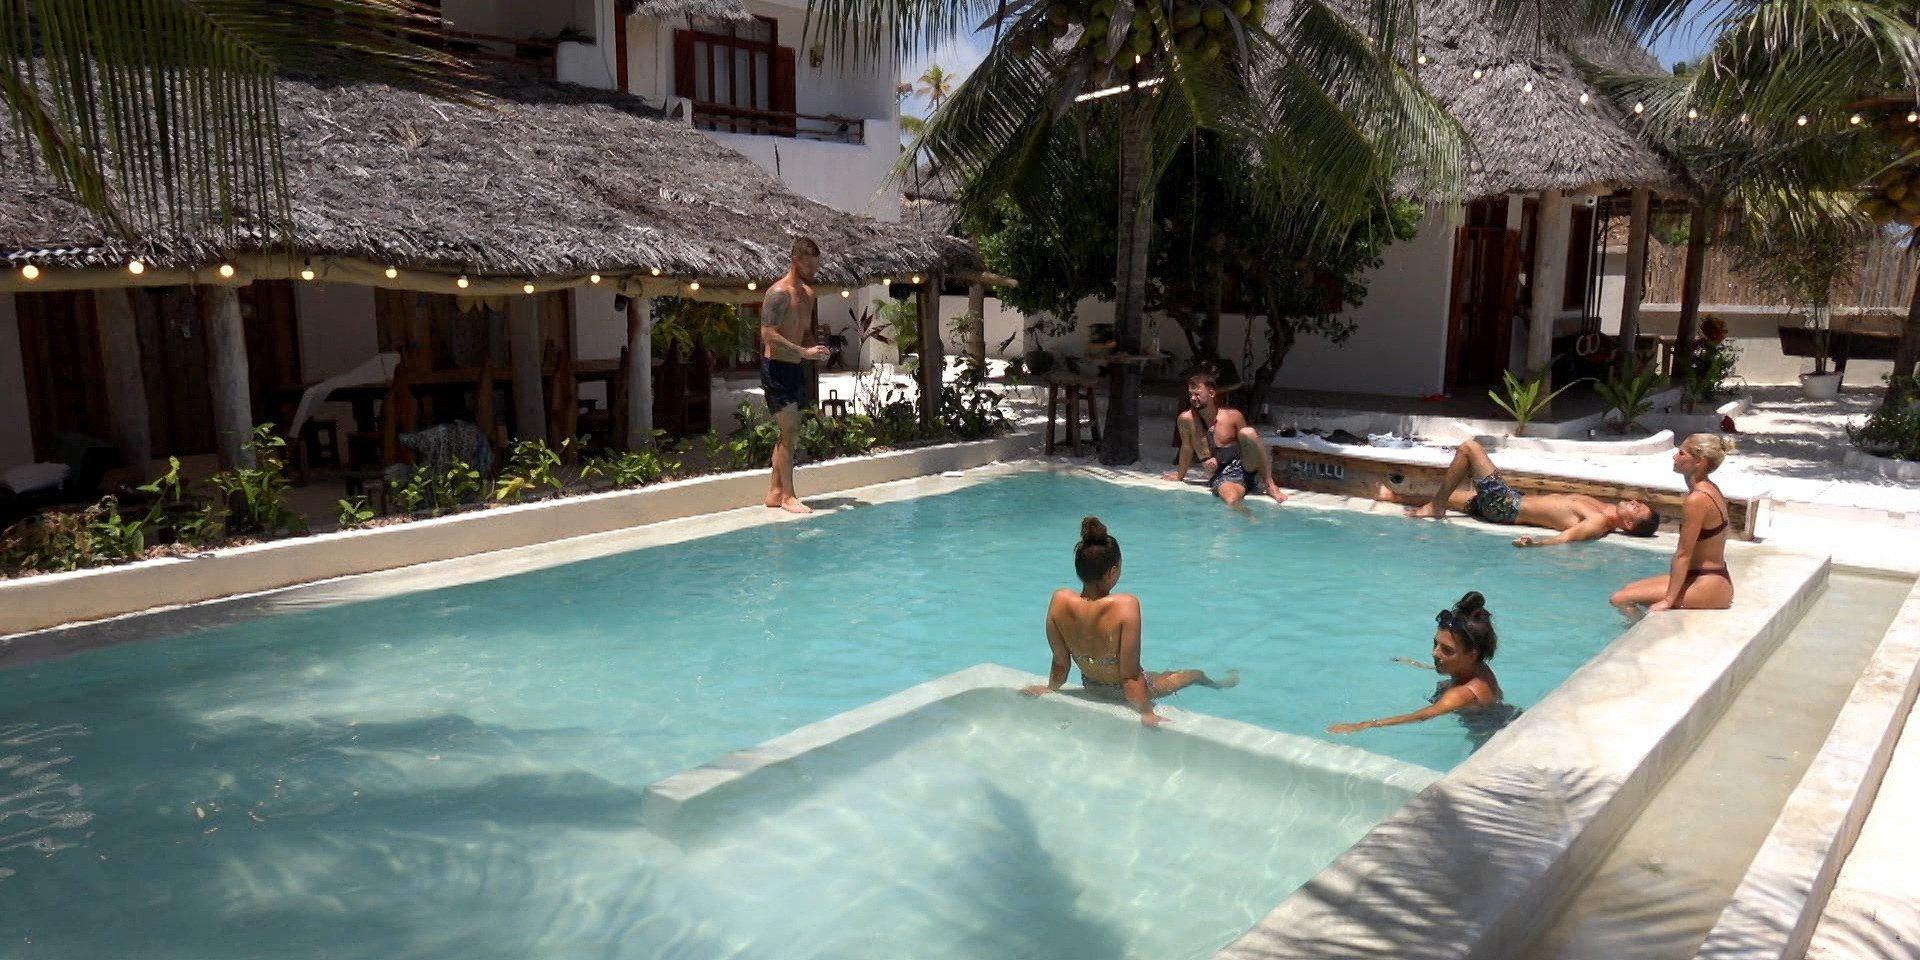 Hotel Paradise 3: zapowiedź odcinka 11